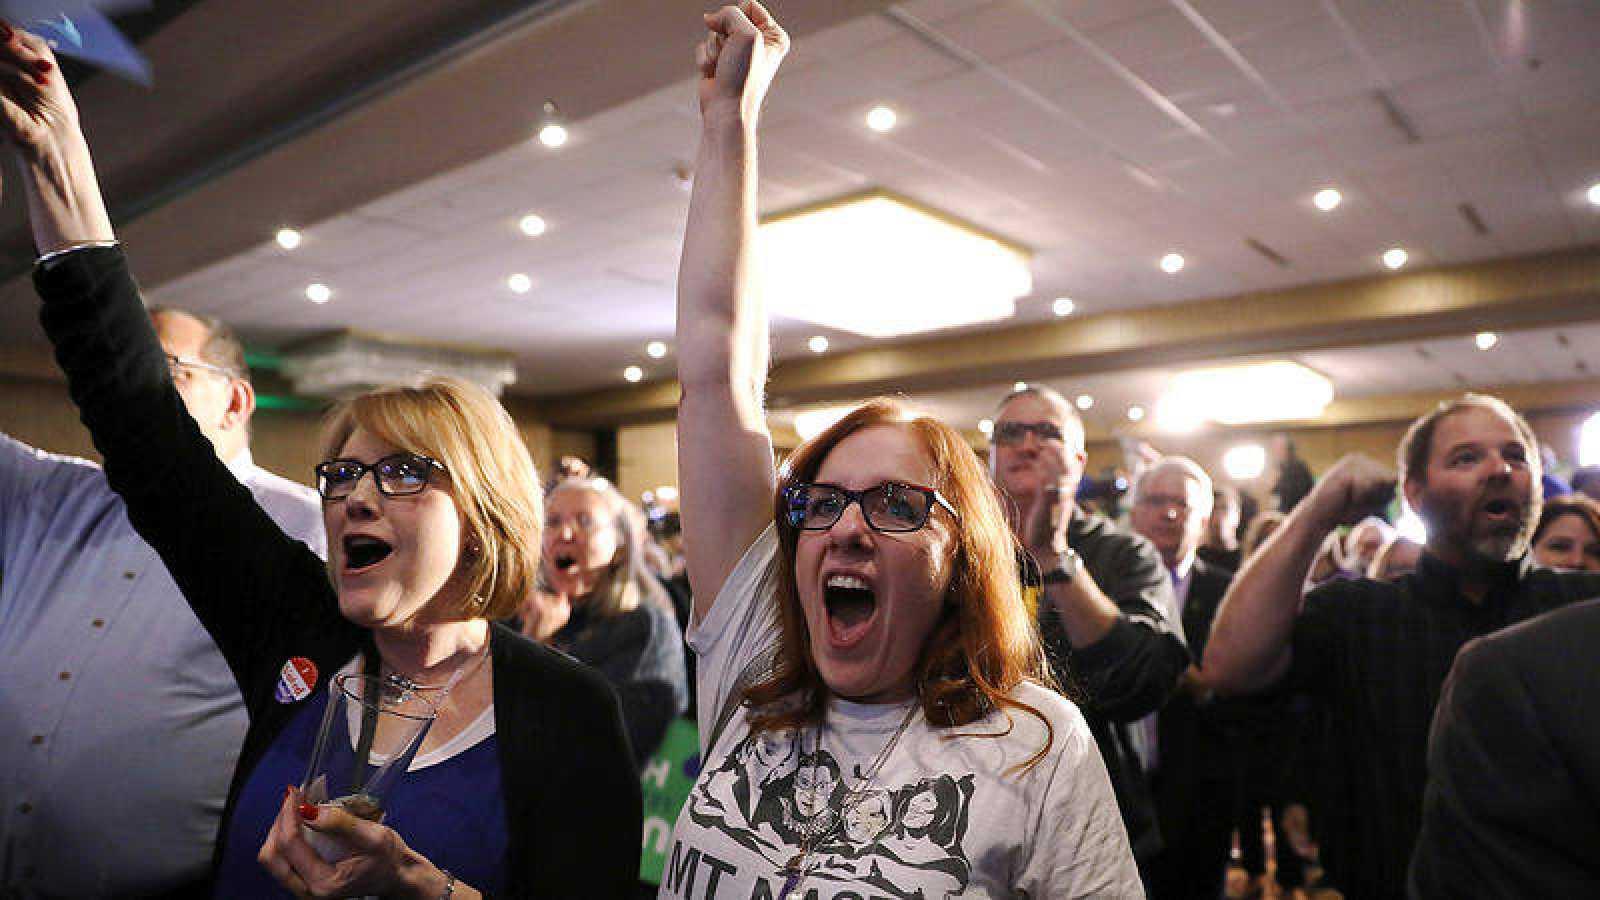 Dos mujeres muestran su júbilo ante los resultados en la noche electoral del Partido Demócrata en Des Moines (Iowa) . REUTERS/Scott Morgan